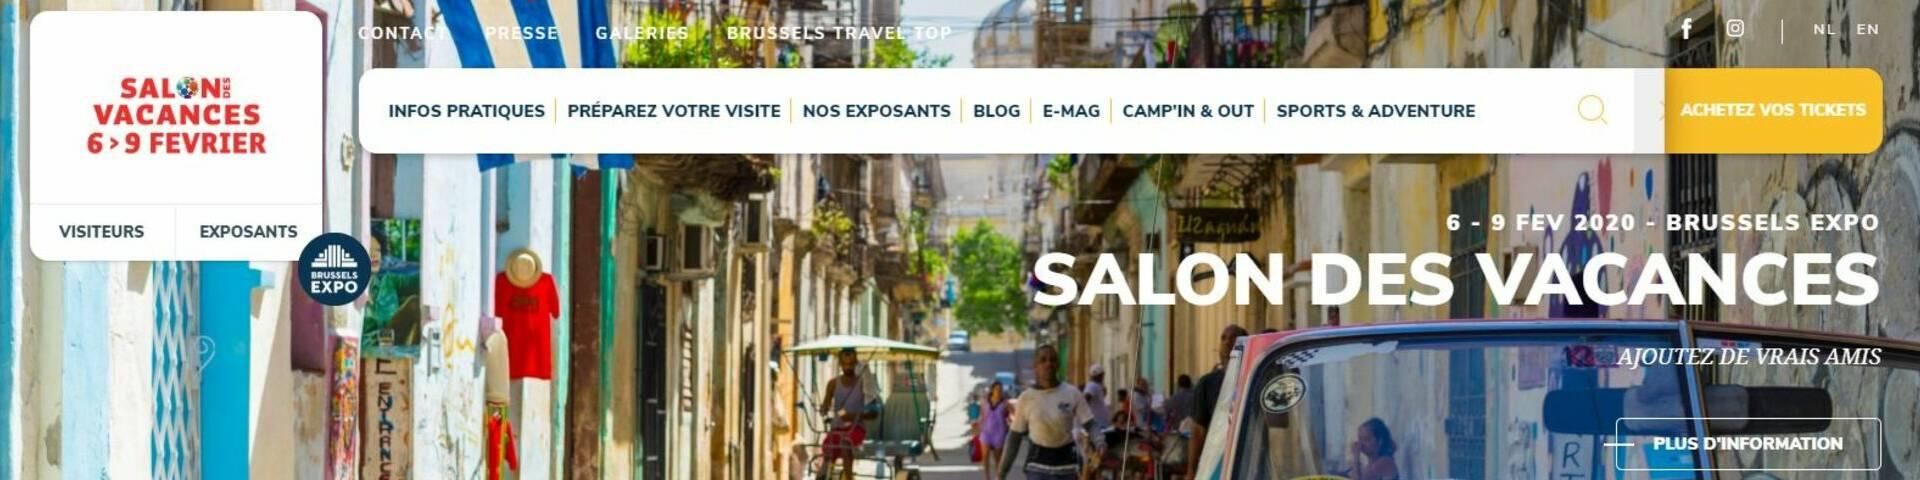 Salon des vacances de Bruxelles du 6 au 9 février 2020